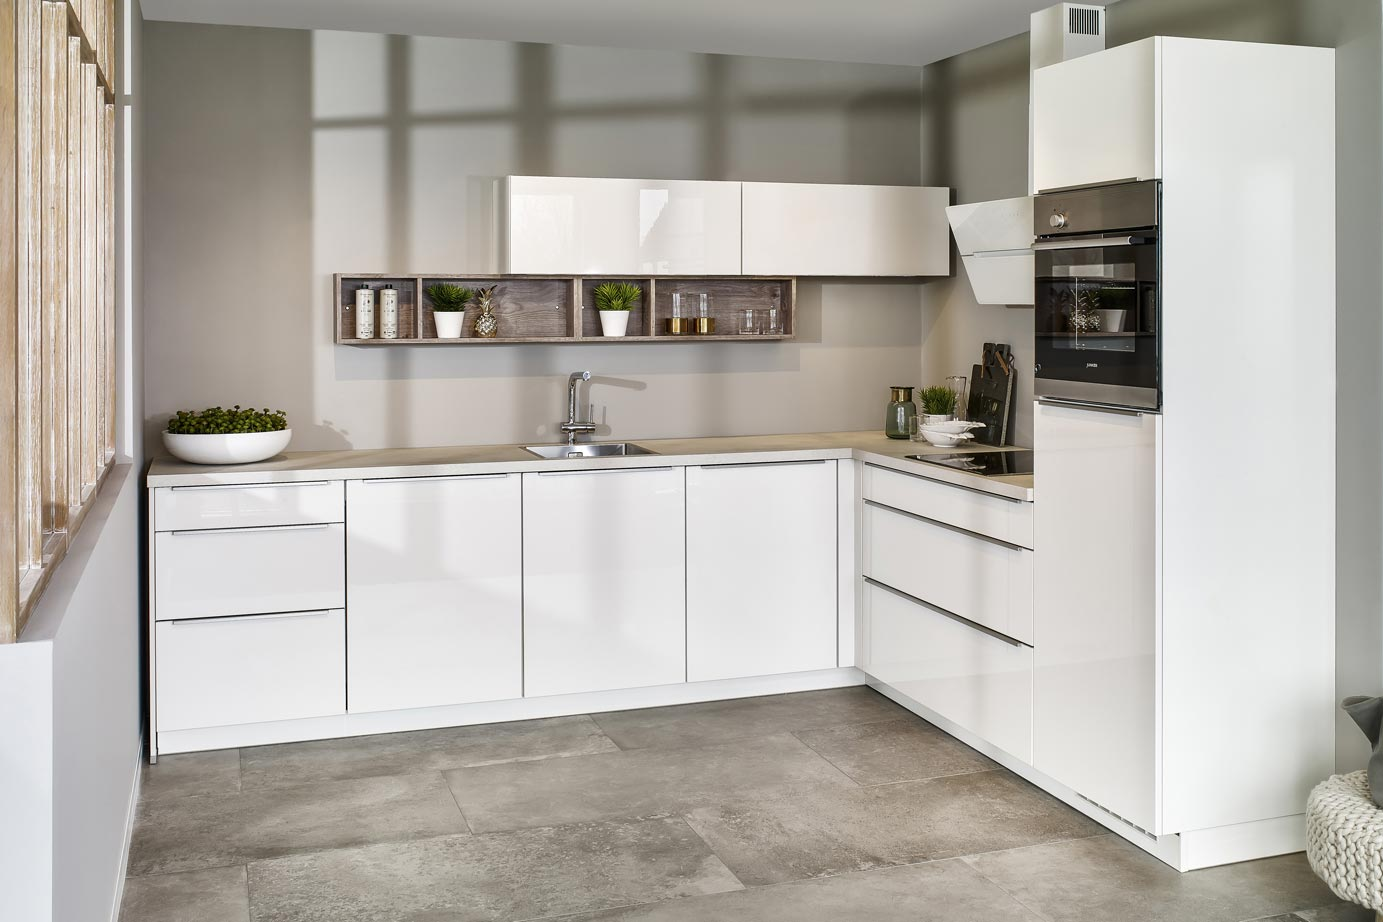 Moderne Hoogglans Keuken : Hoogglans keuken bekijk voorbeelden ook in wit db keukens